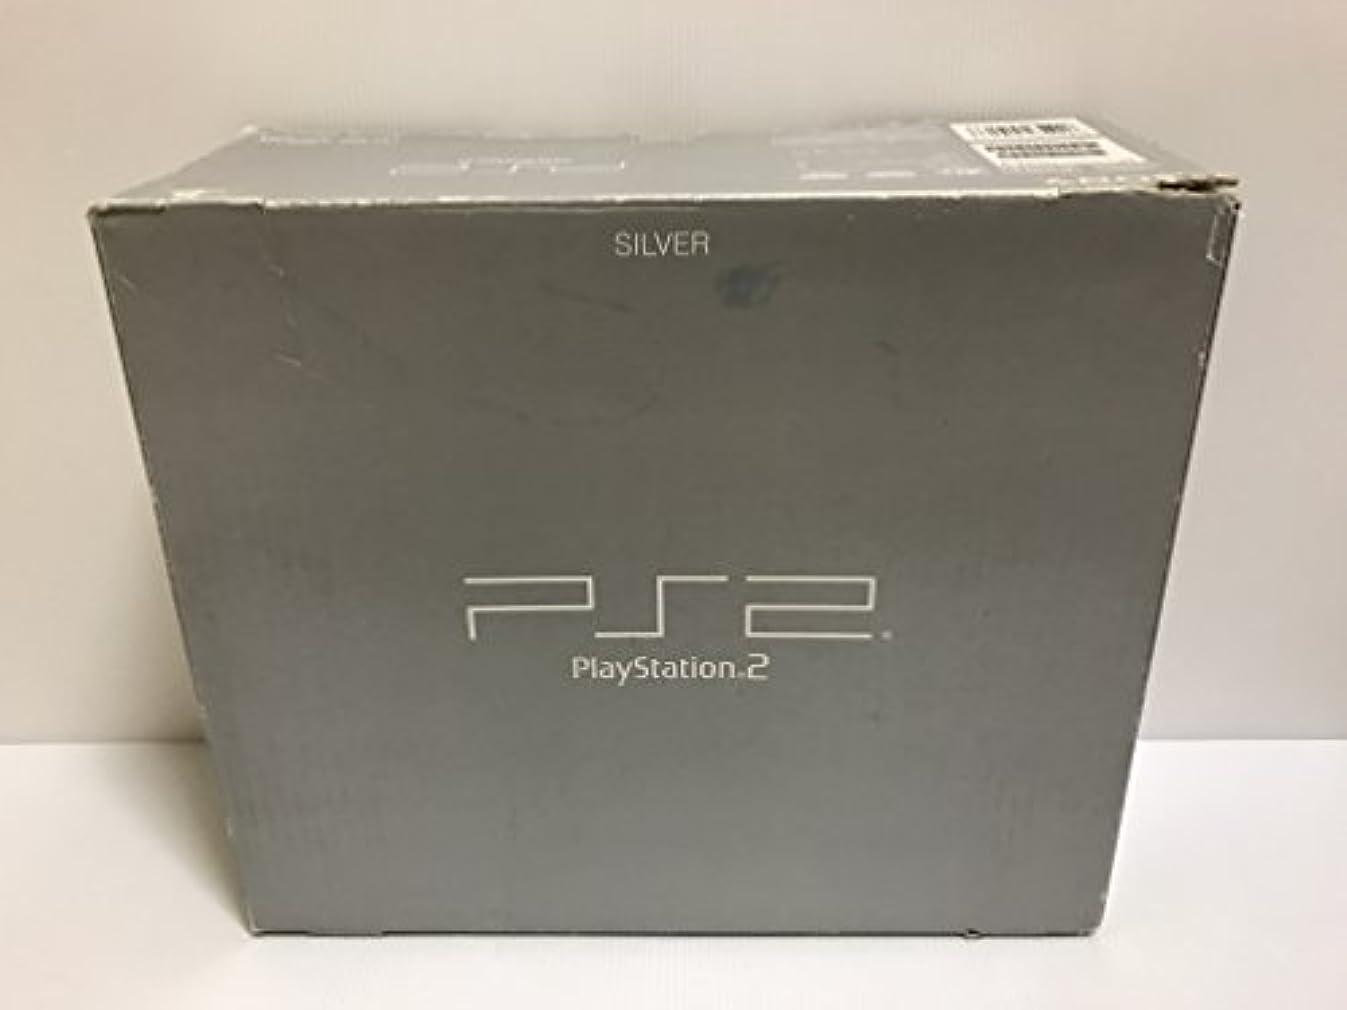 トーナメント怖がらせる学習者PlayStation 2 SILVER 【メーカー生産終了】